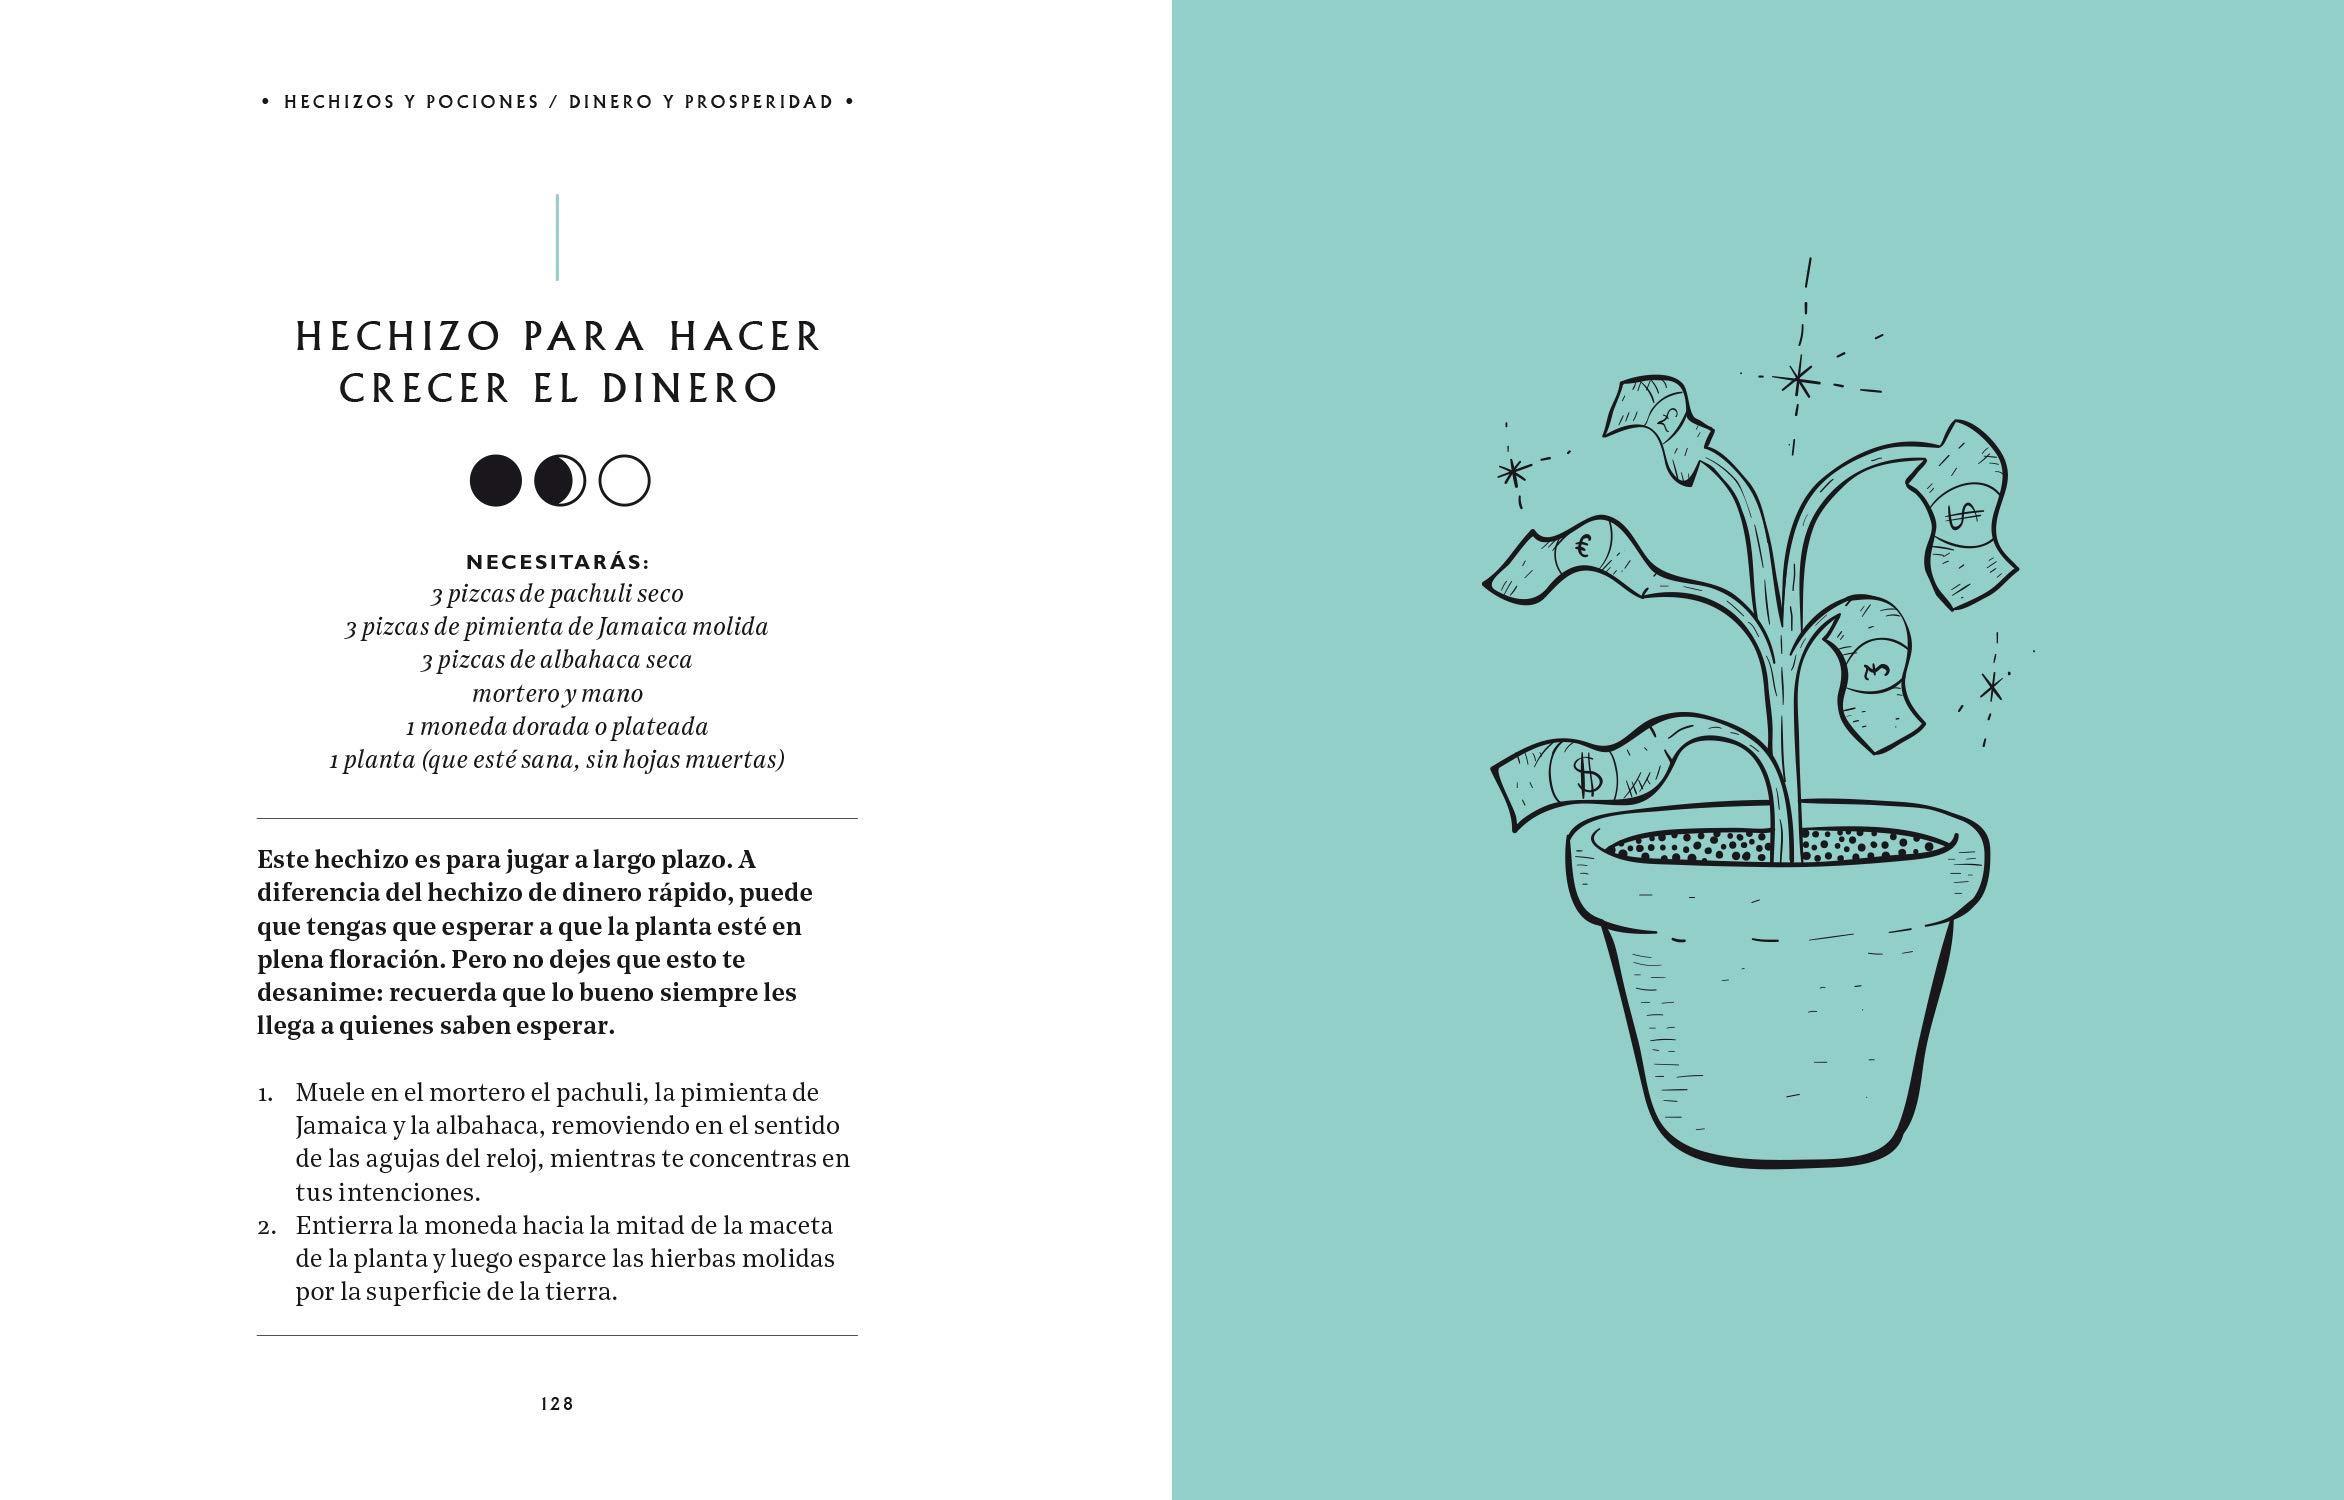 Magia Para El Día A Día Rituales Hechizos Y Pociones Para Una Vida Mejor Amazon Es Semra Haksever Giménez Imirizaldu Darío Libros